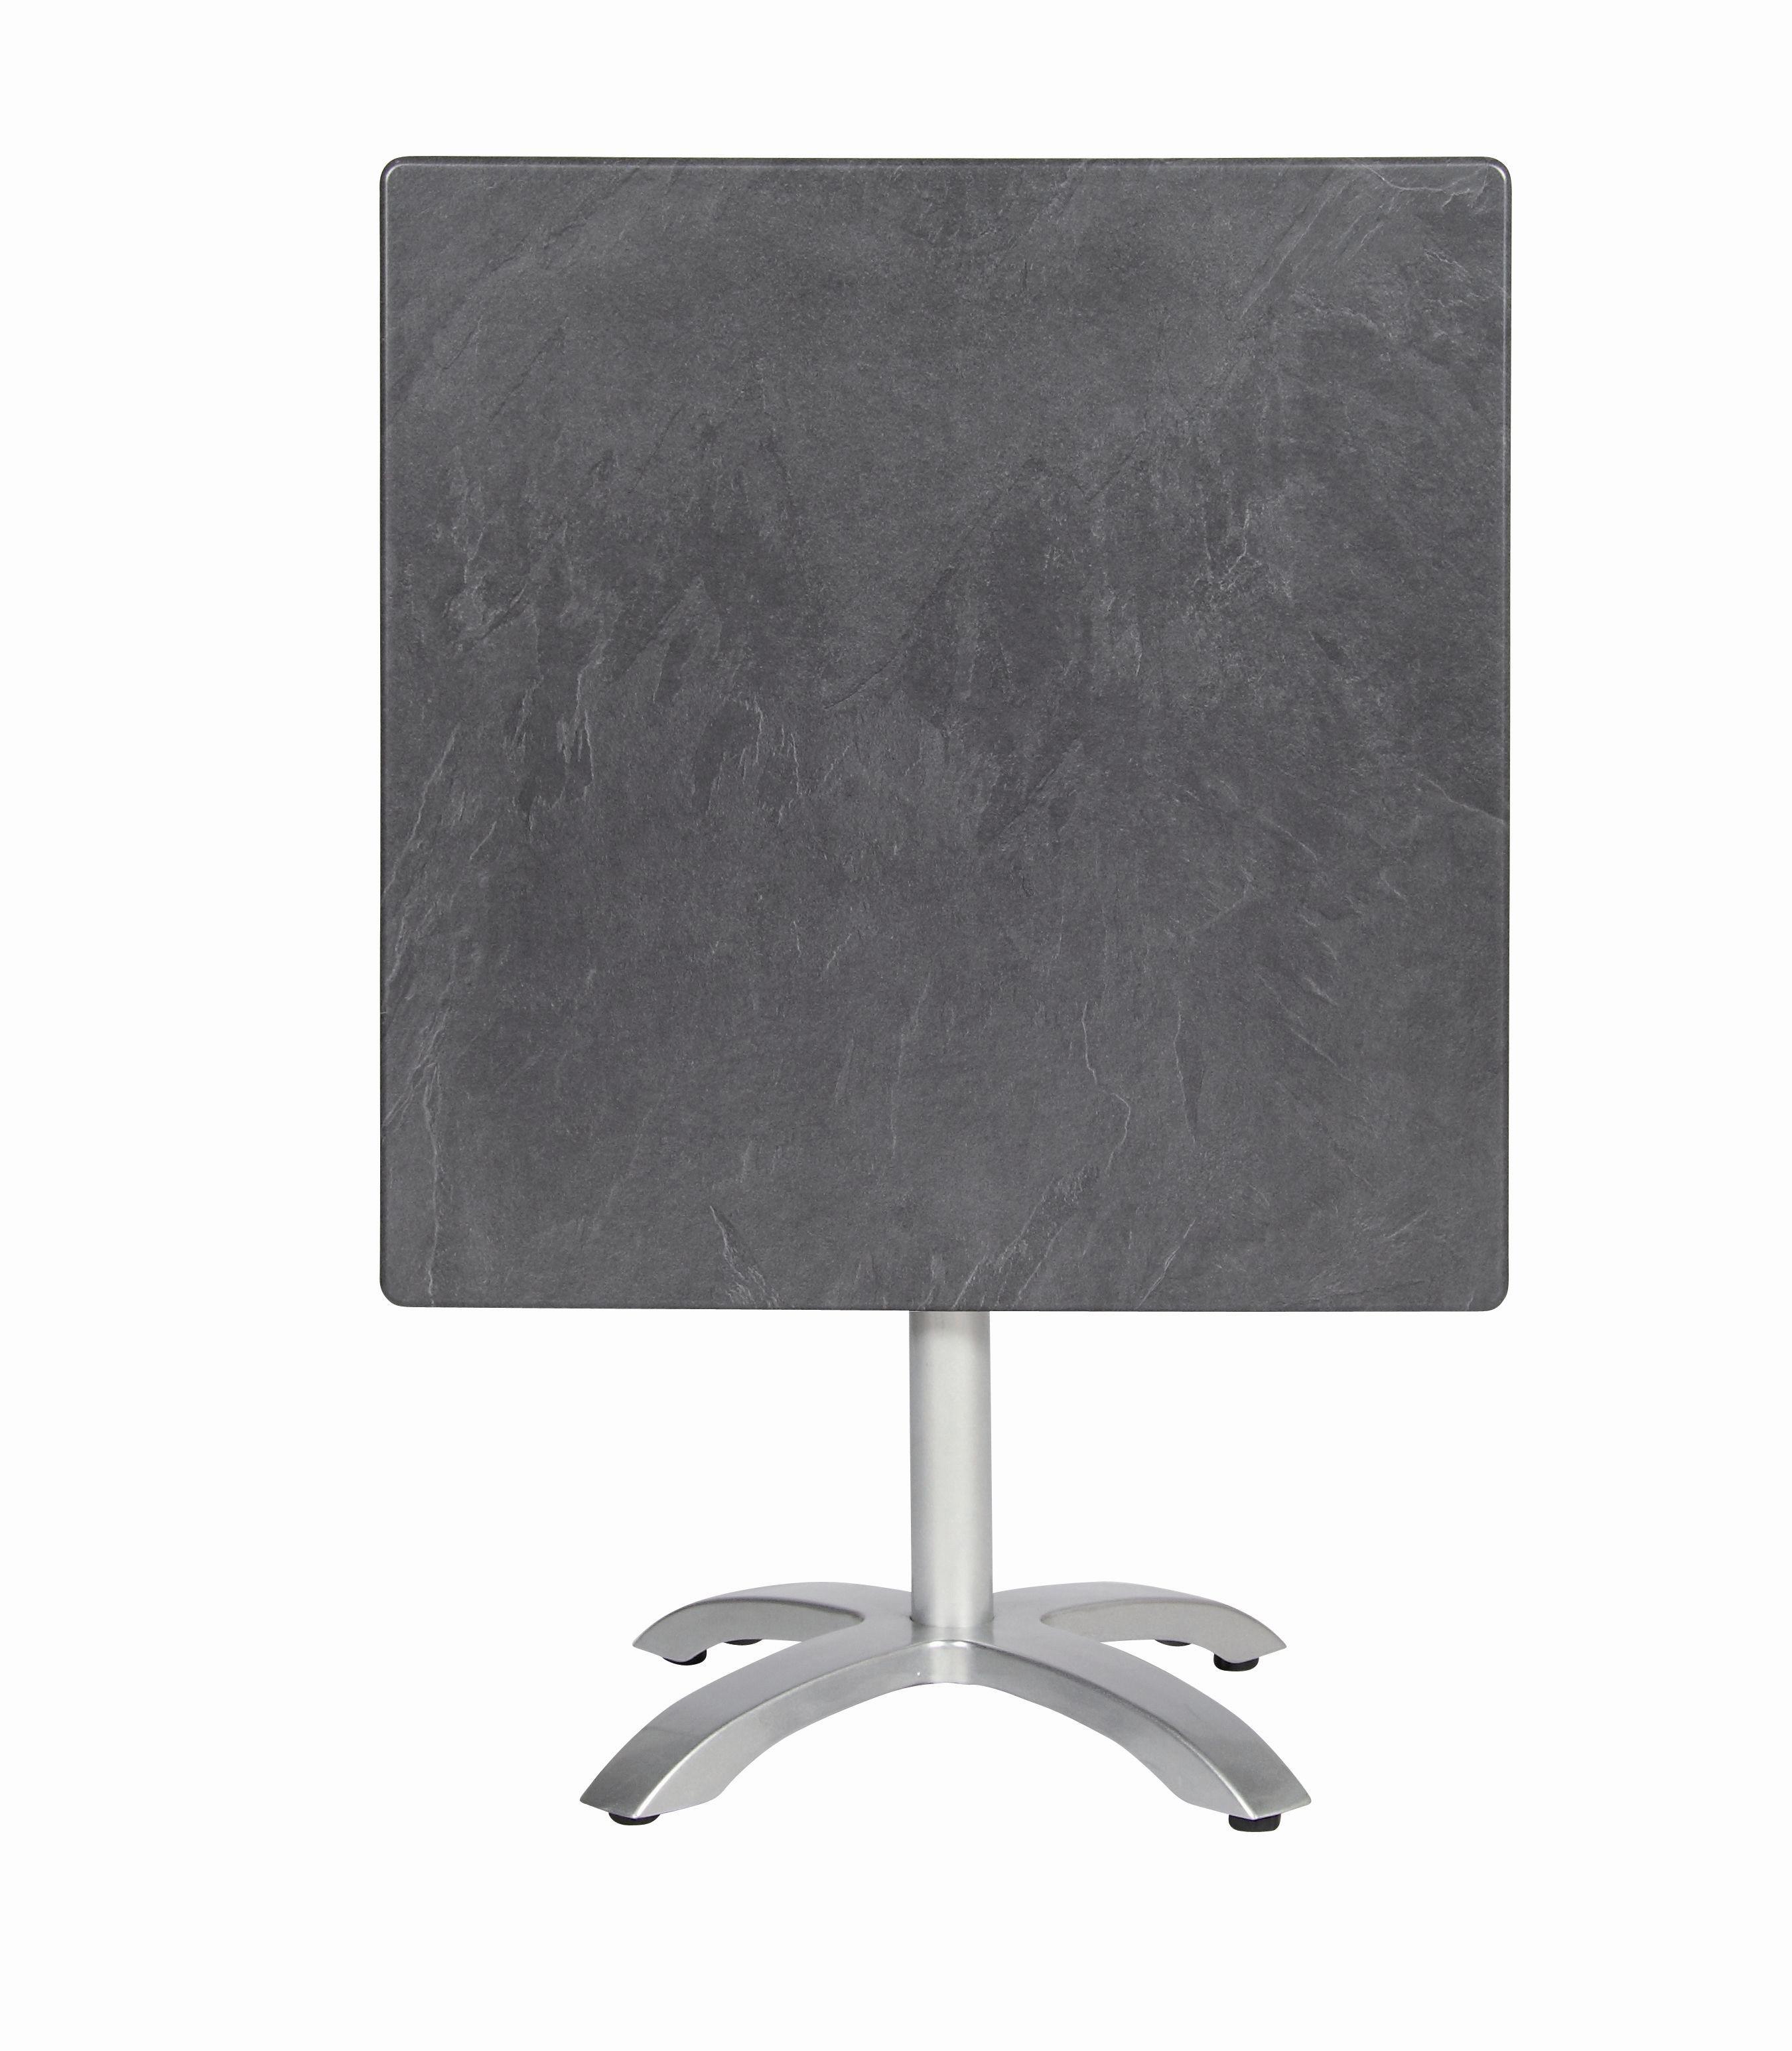 Gartentisch acamp acaplan 80x80cm klappbar Alu platin / schiefer Bild 3